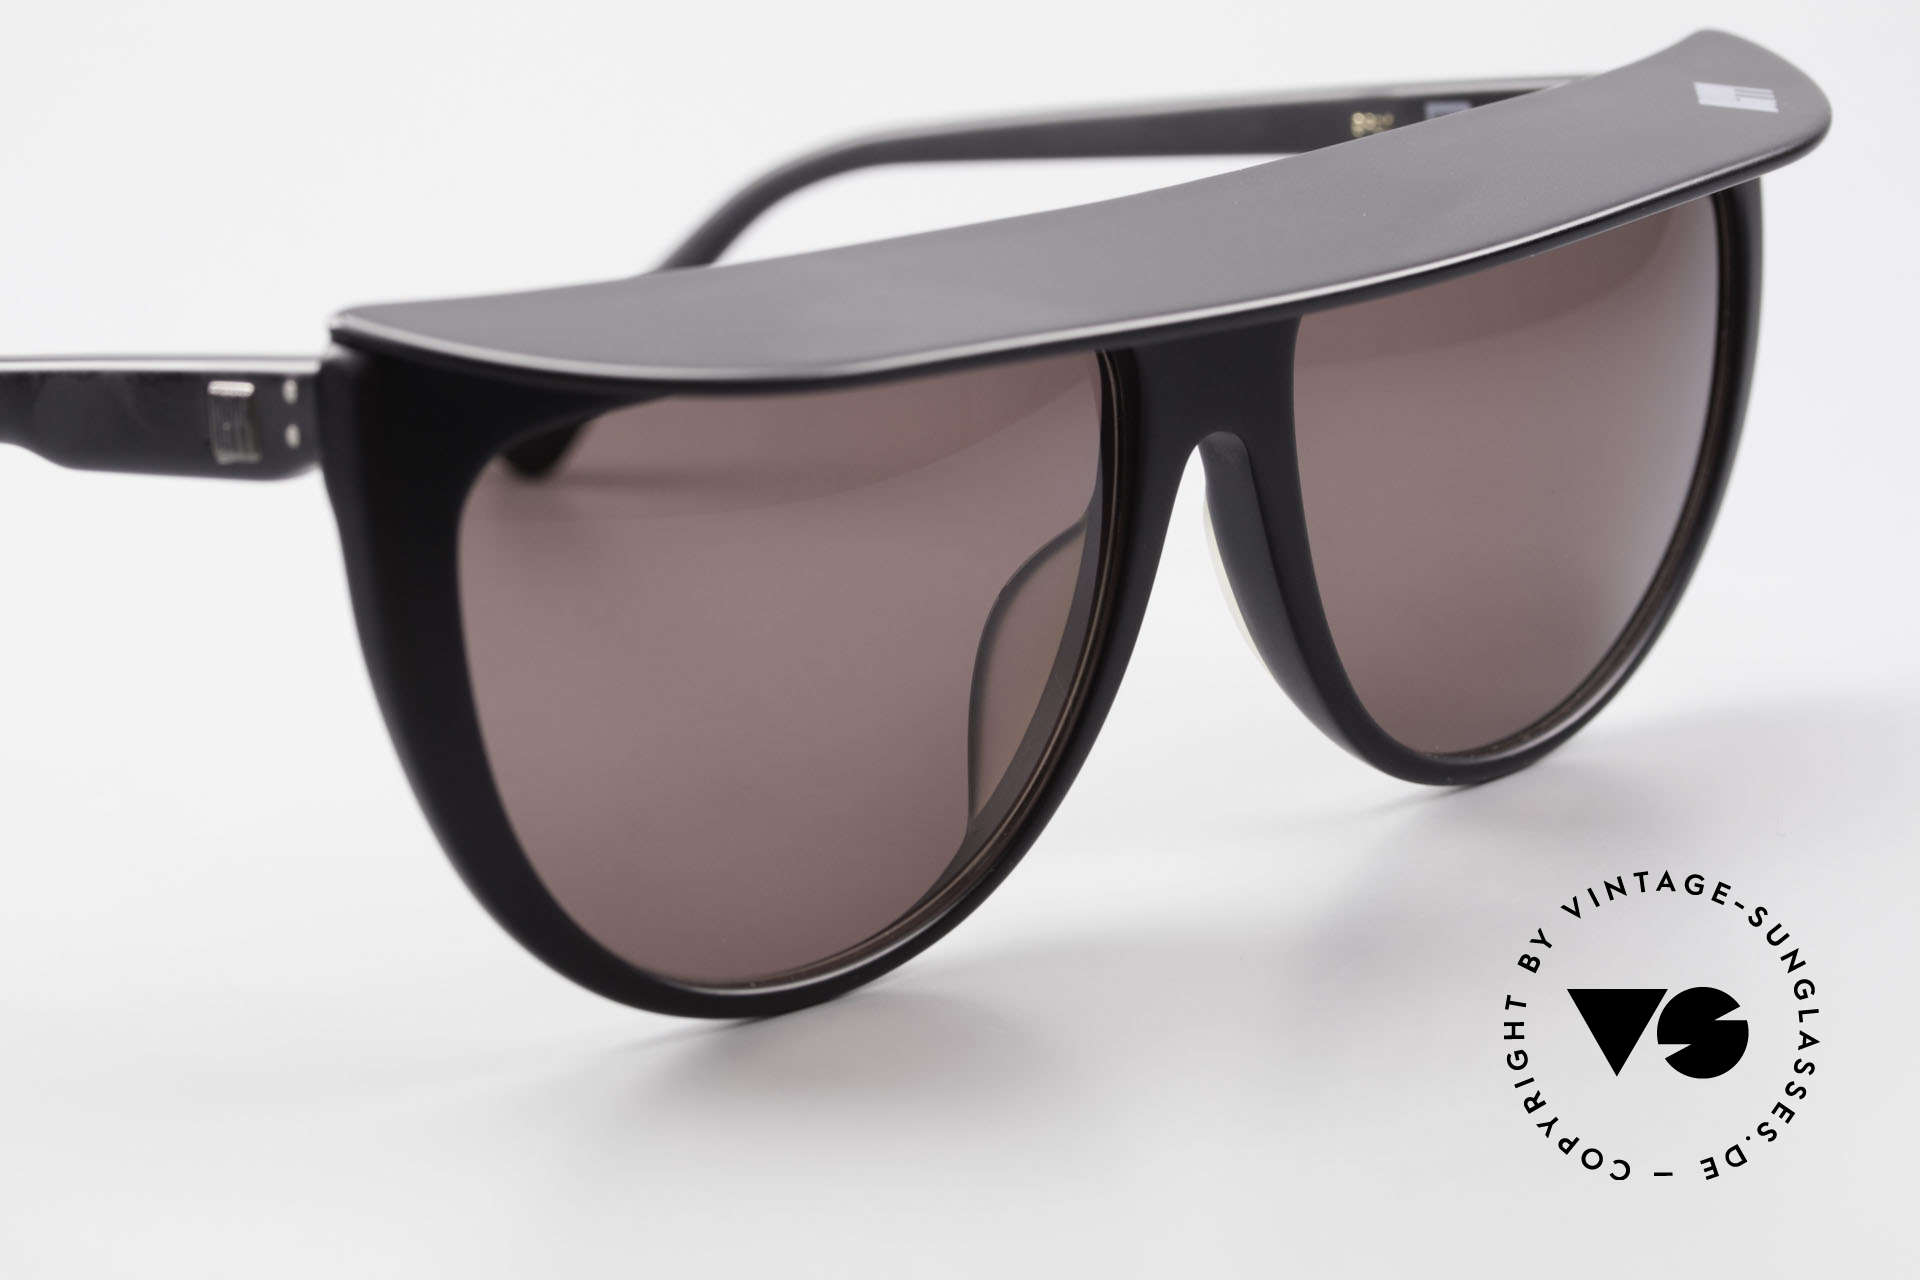 Ugppi 9801 Markisen Sonnenbrille 90er, die Fassung könnte ggf. auch optisch verglast werden, Passend für Herren und Damen